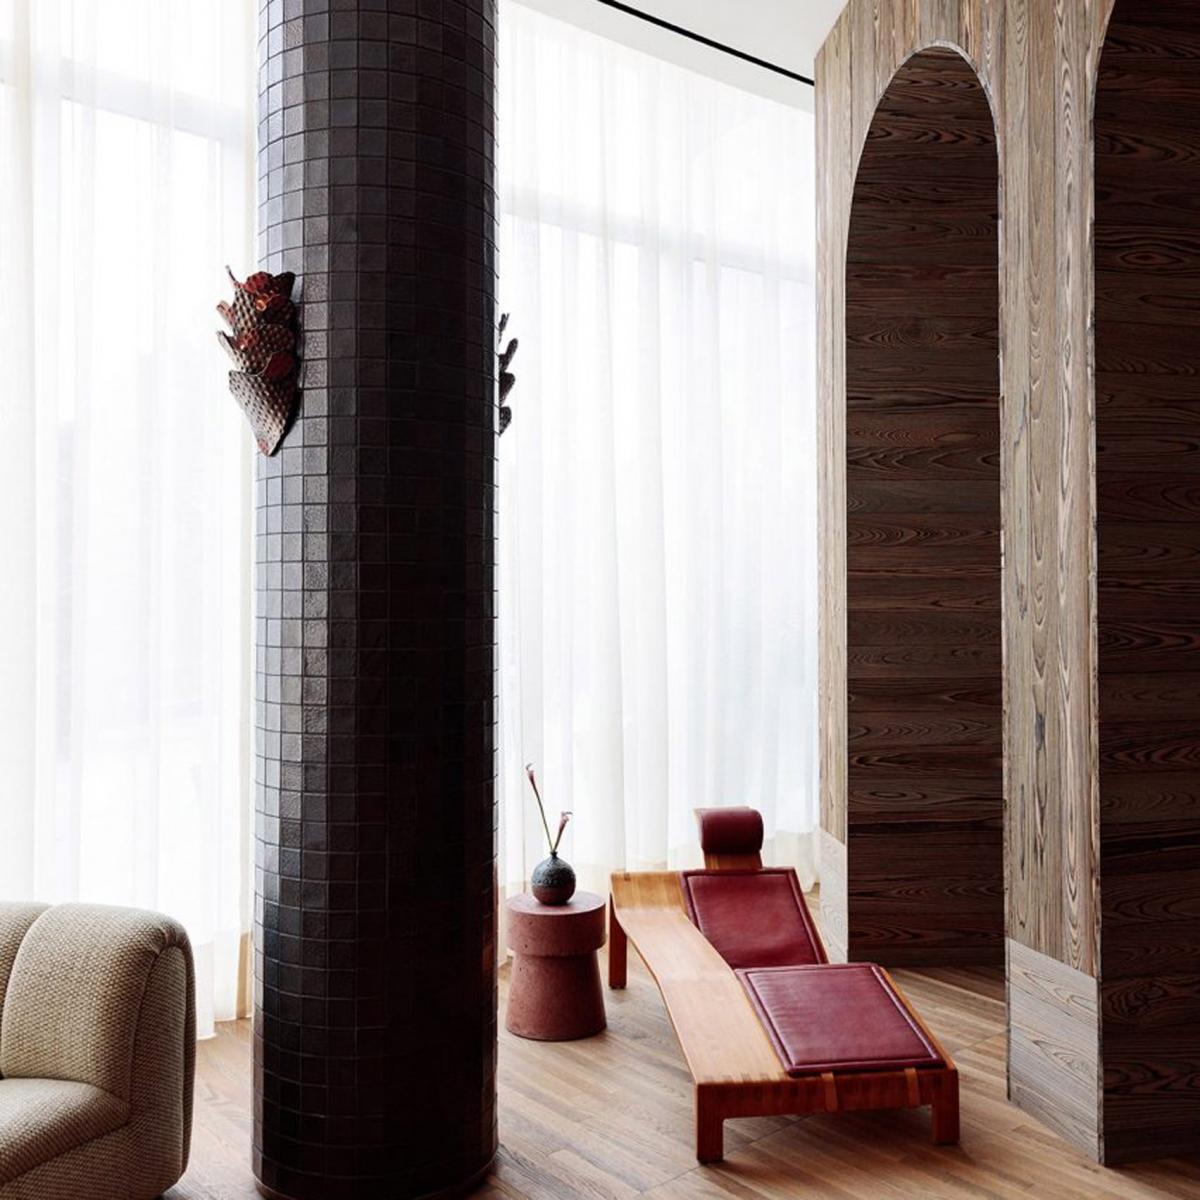 Một khách sạn độc đáo có tên Santa Monica Proper (Mỹ) được thiết kế bởi kiến trúc sư Kelly Wearstler. Nội thất hơi hướng cổ điển, phóng khoáng, mang đến kỳ nghỉ tuyệt vời.